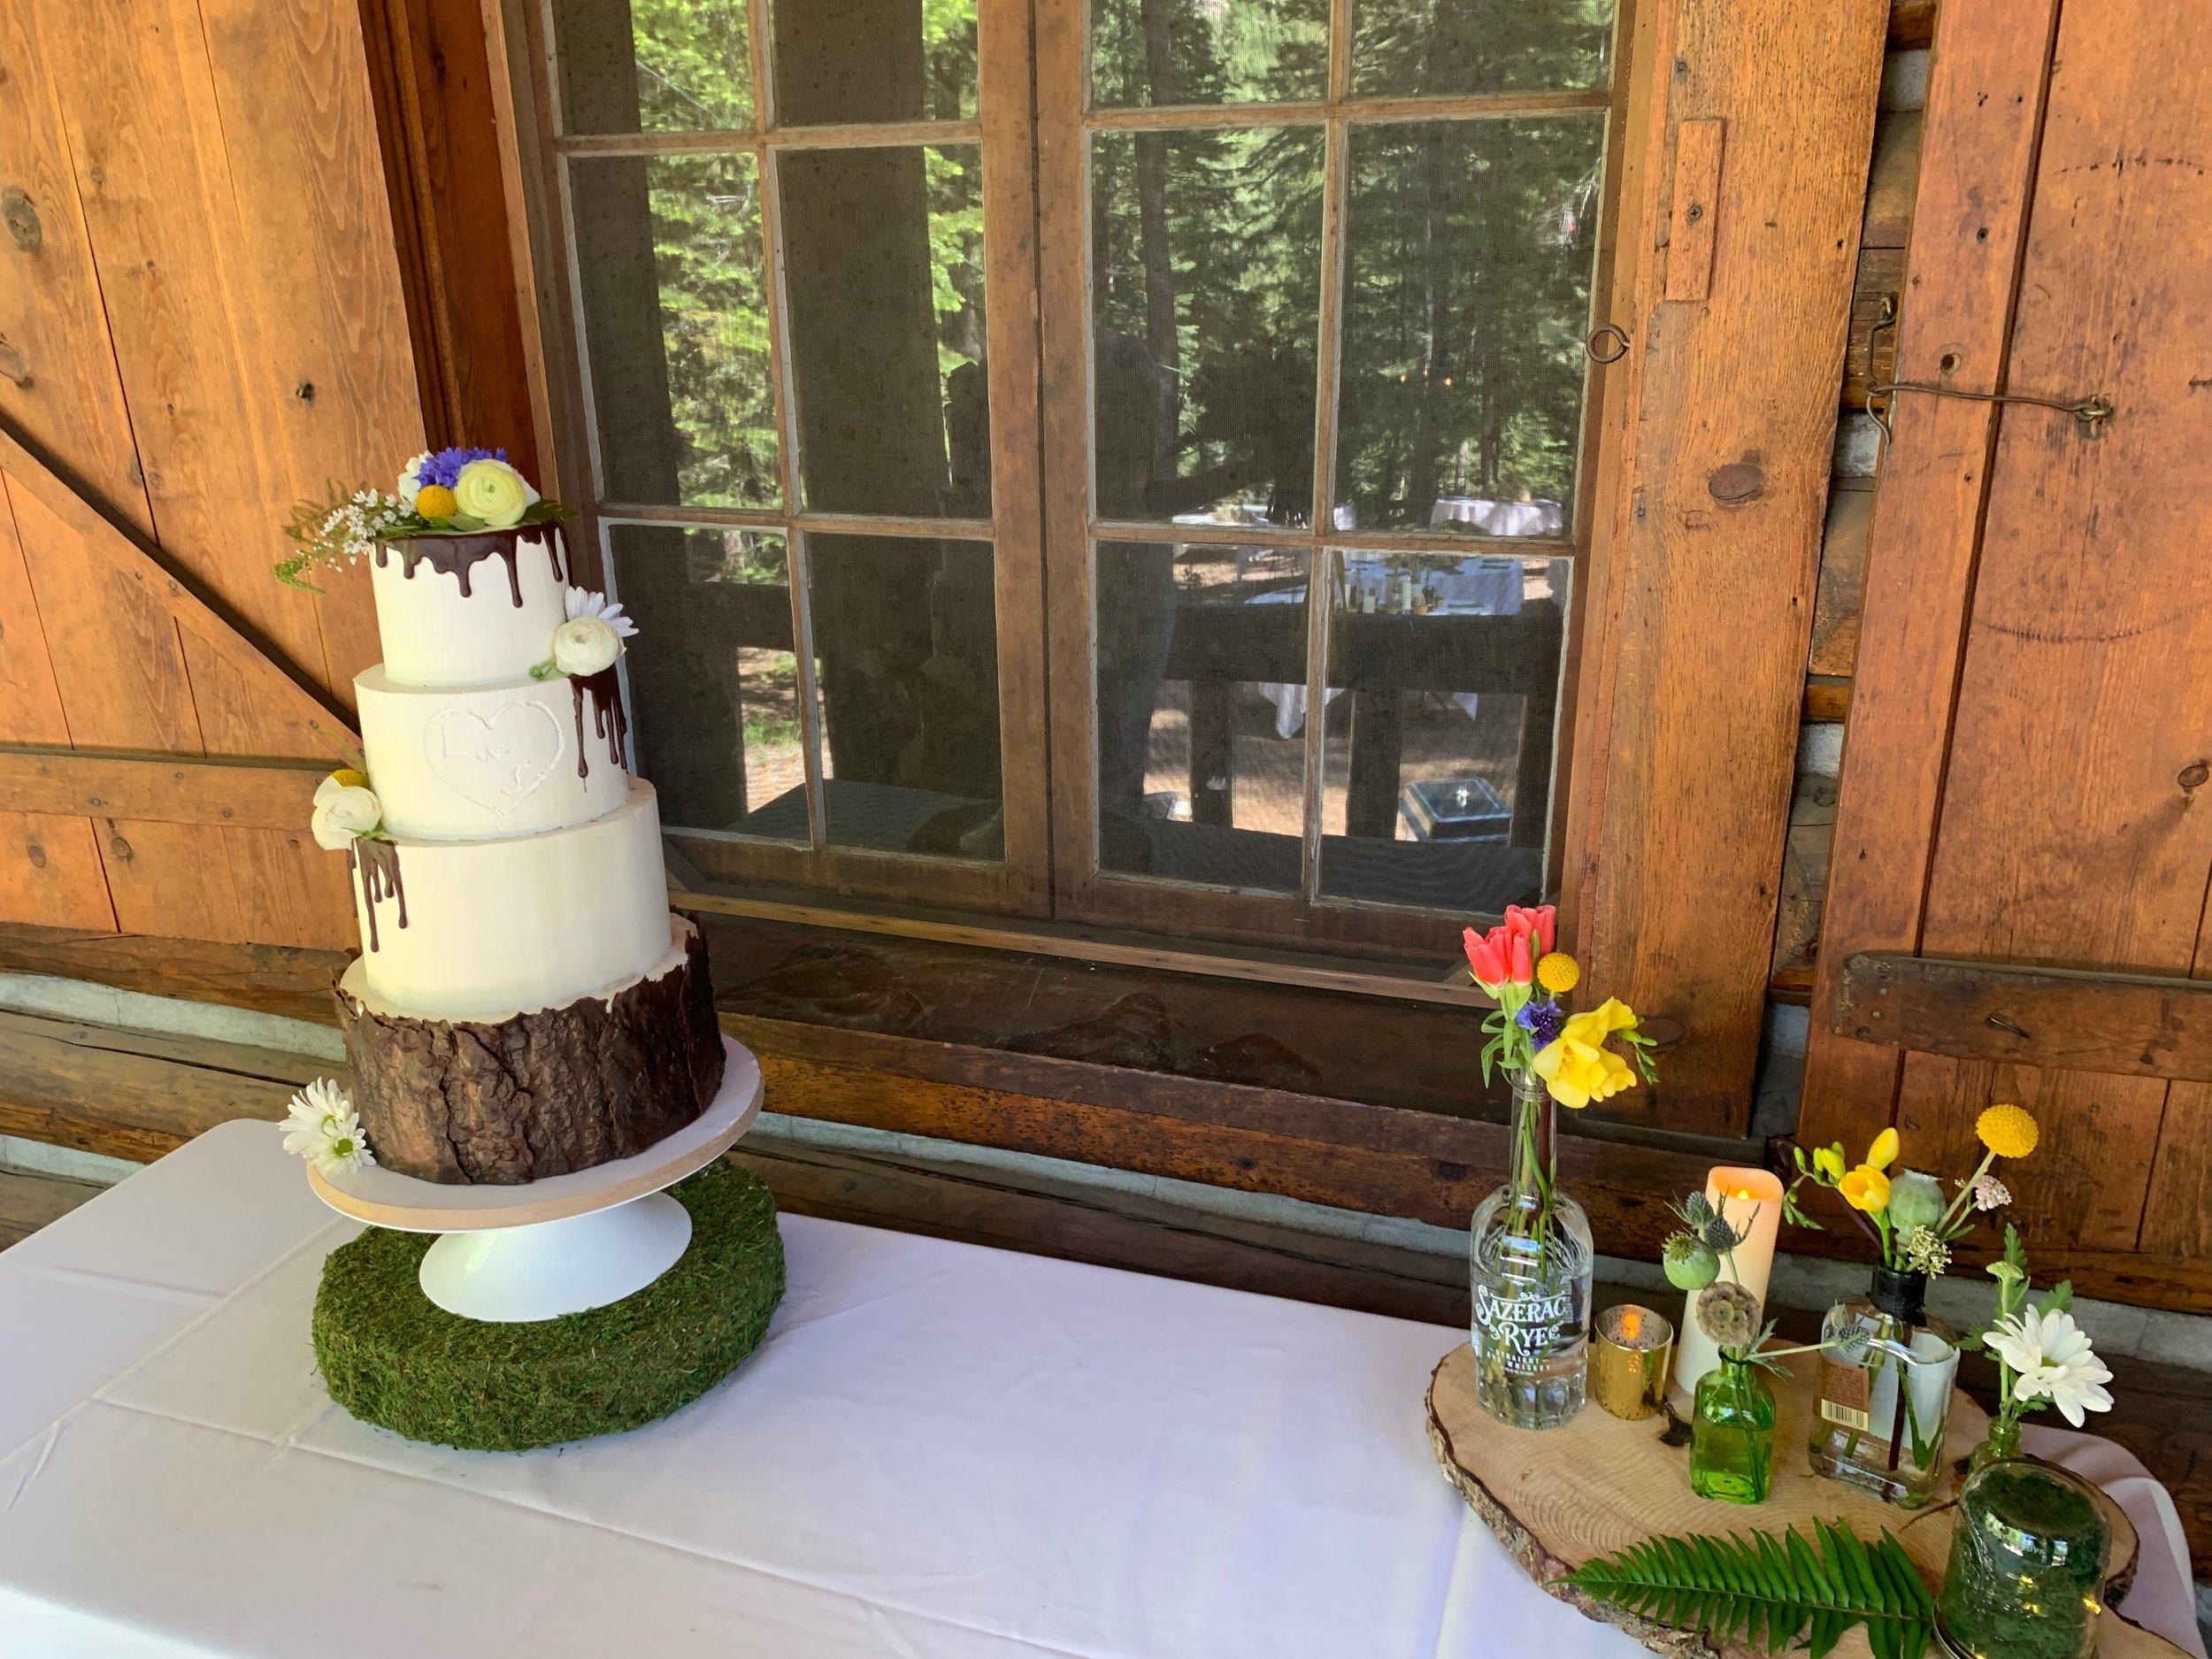 Bend Floral Artistry - Cake Flowers.JPG